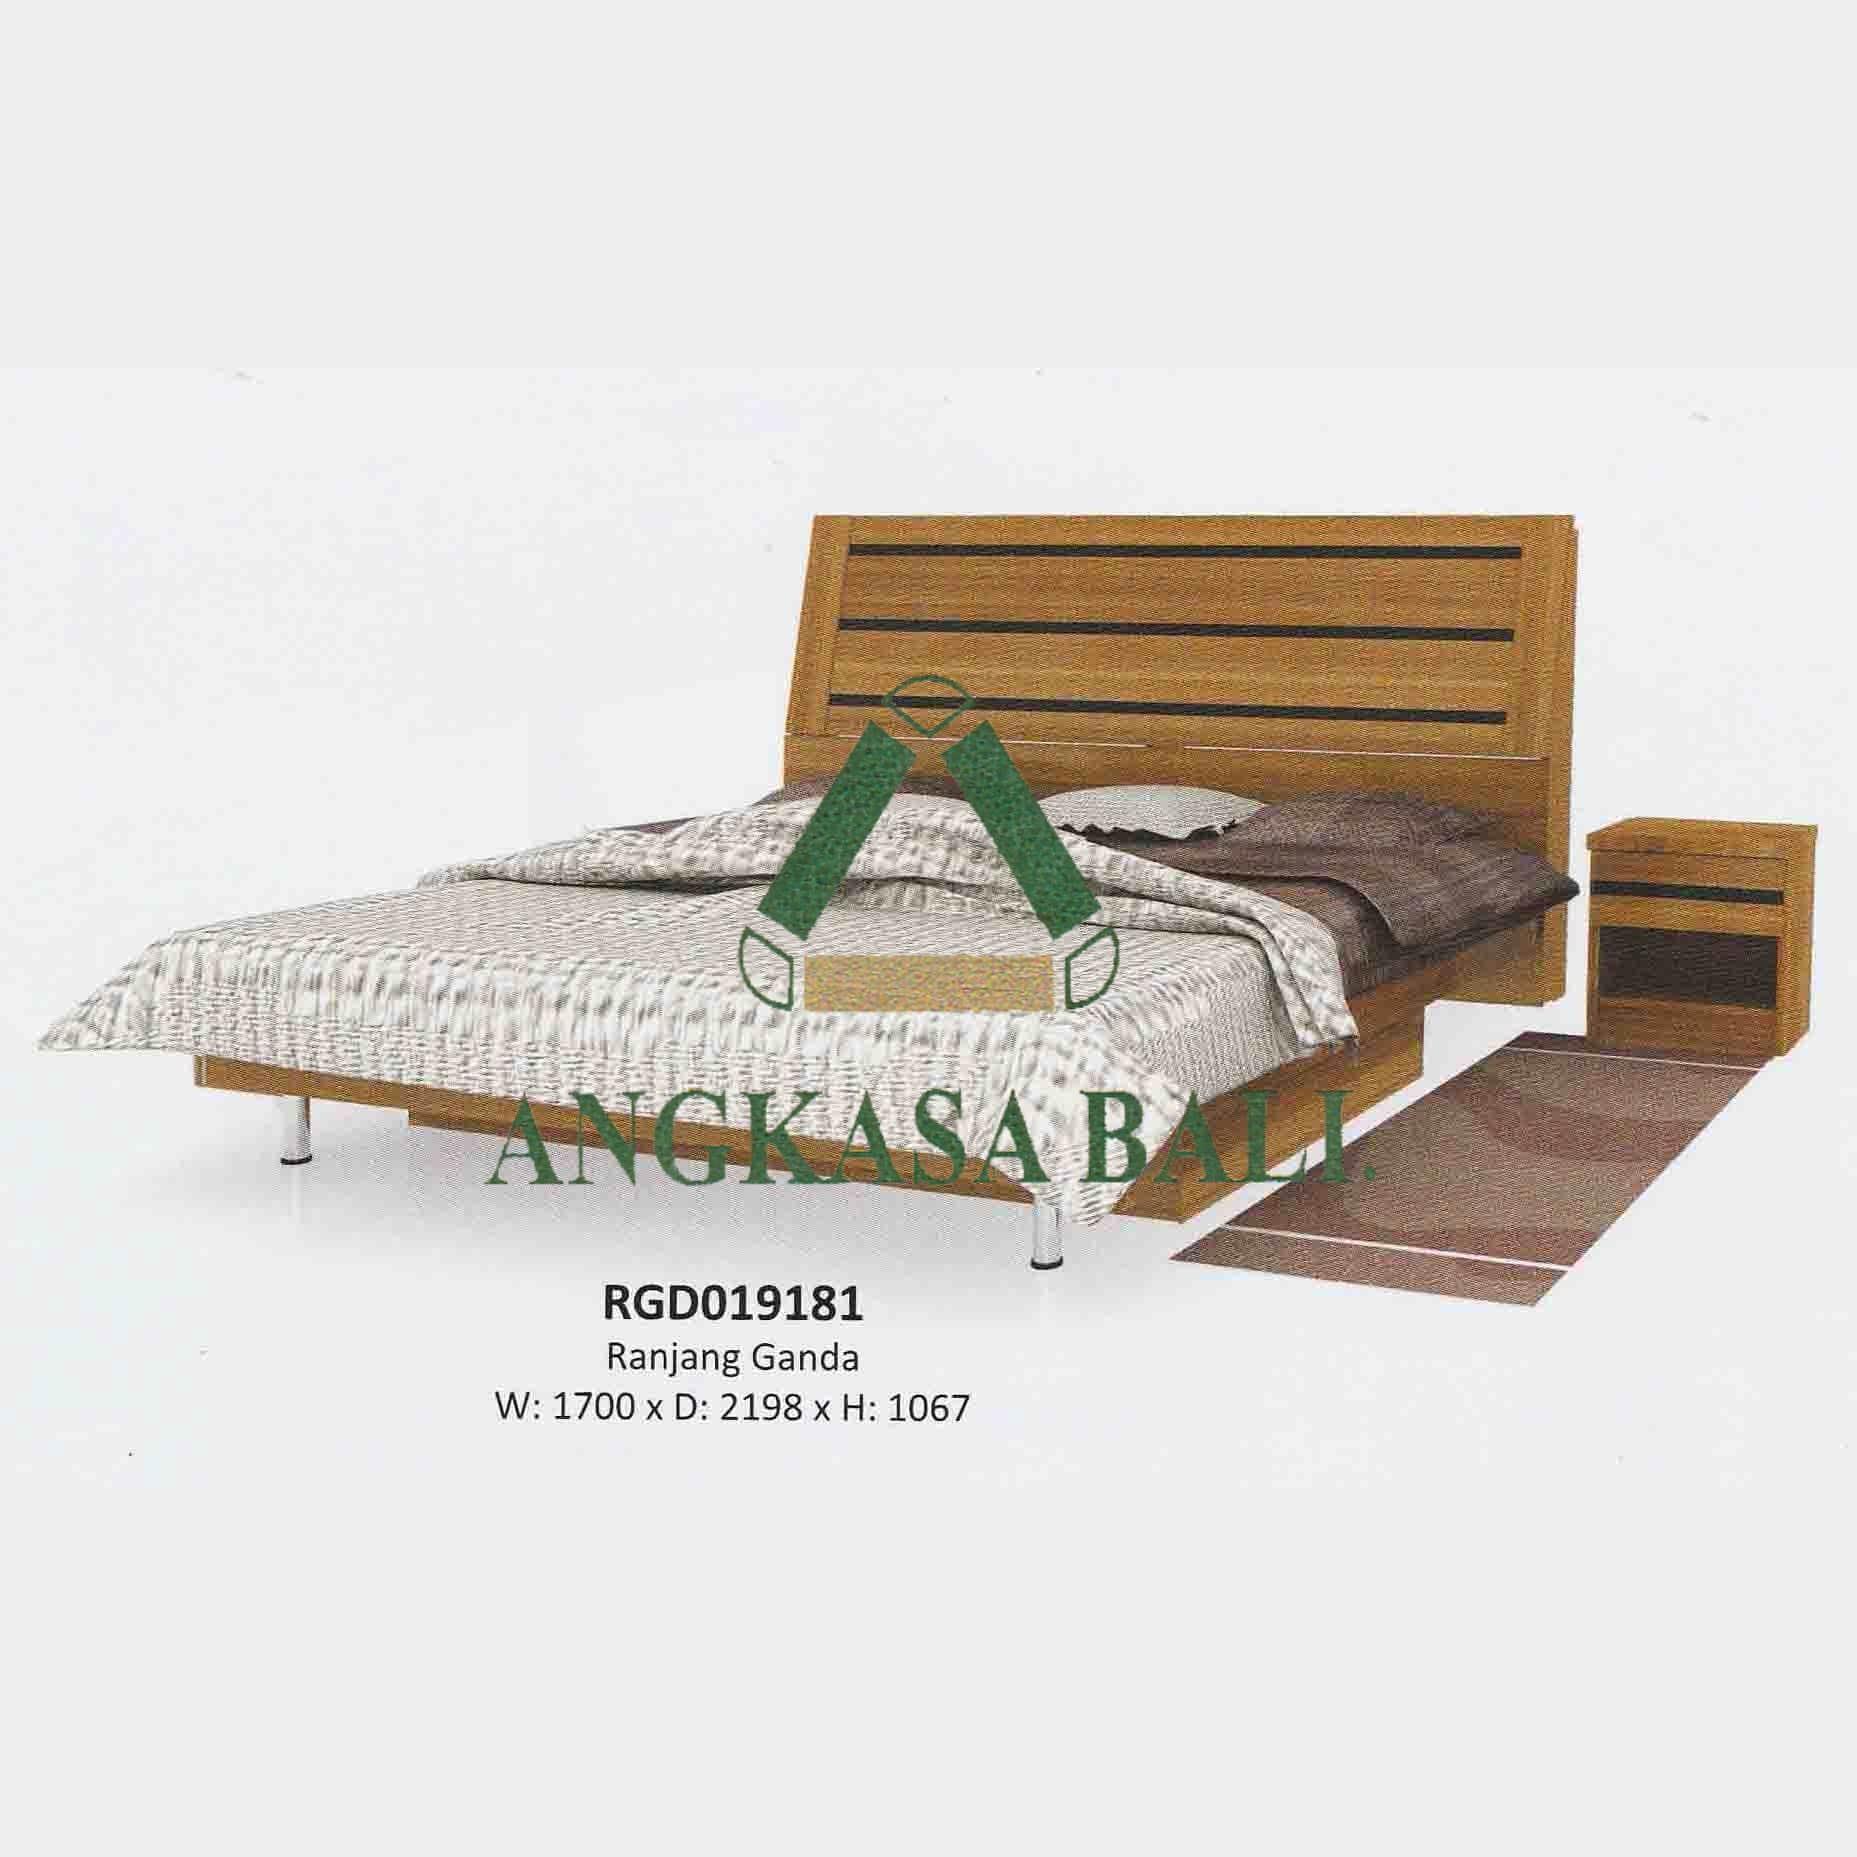 Tempat Tidur Rgd019181 Olympic Di Bali Angkasa Rak Serbaguna Peralatan Kantor Jual Denpasar Distributor Furniture